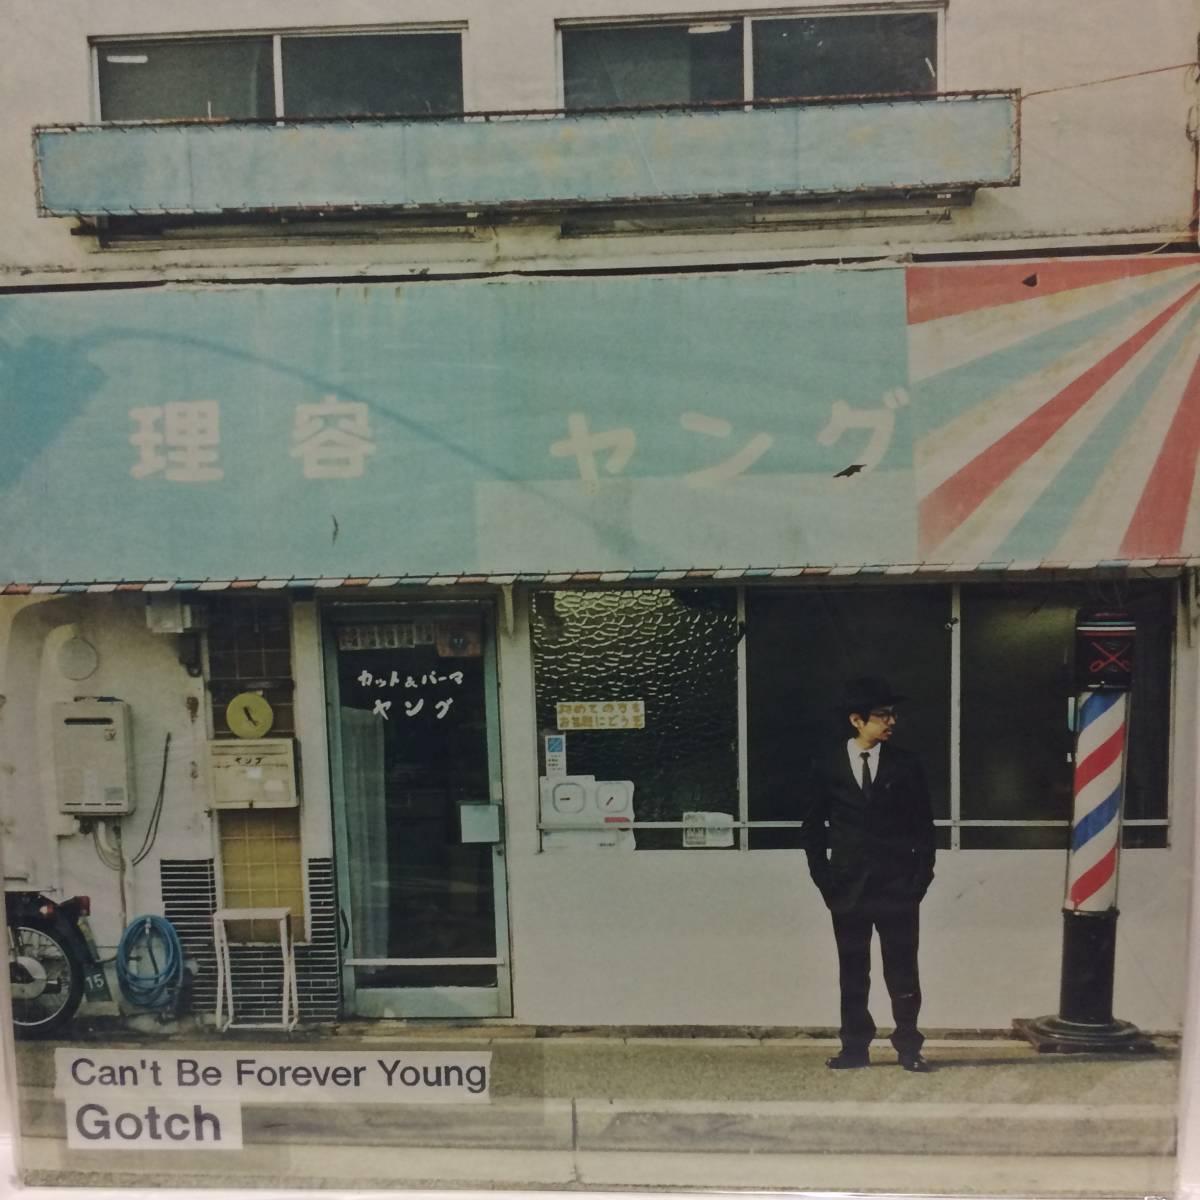 未再生 サイン Gotch Can't Be Forever Young 2LP CD ASIAN KUNG-FU GENERATION 後藤正文 レコード アナログ 2014 RSD 11a_画像1